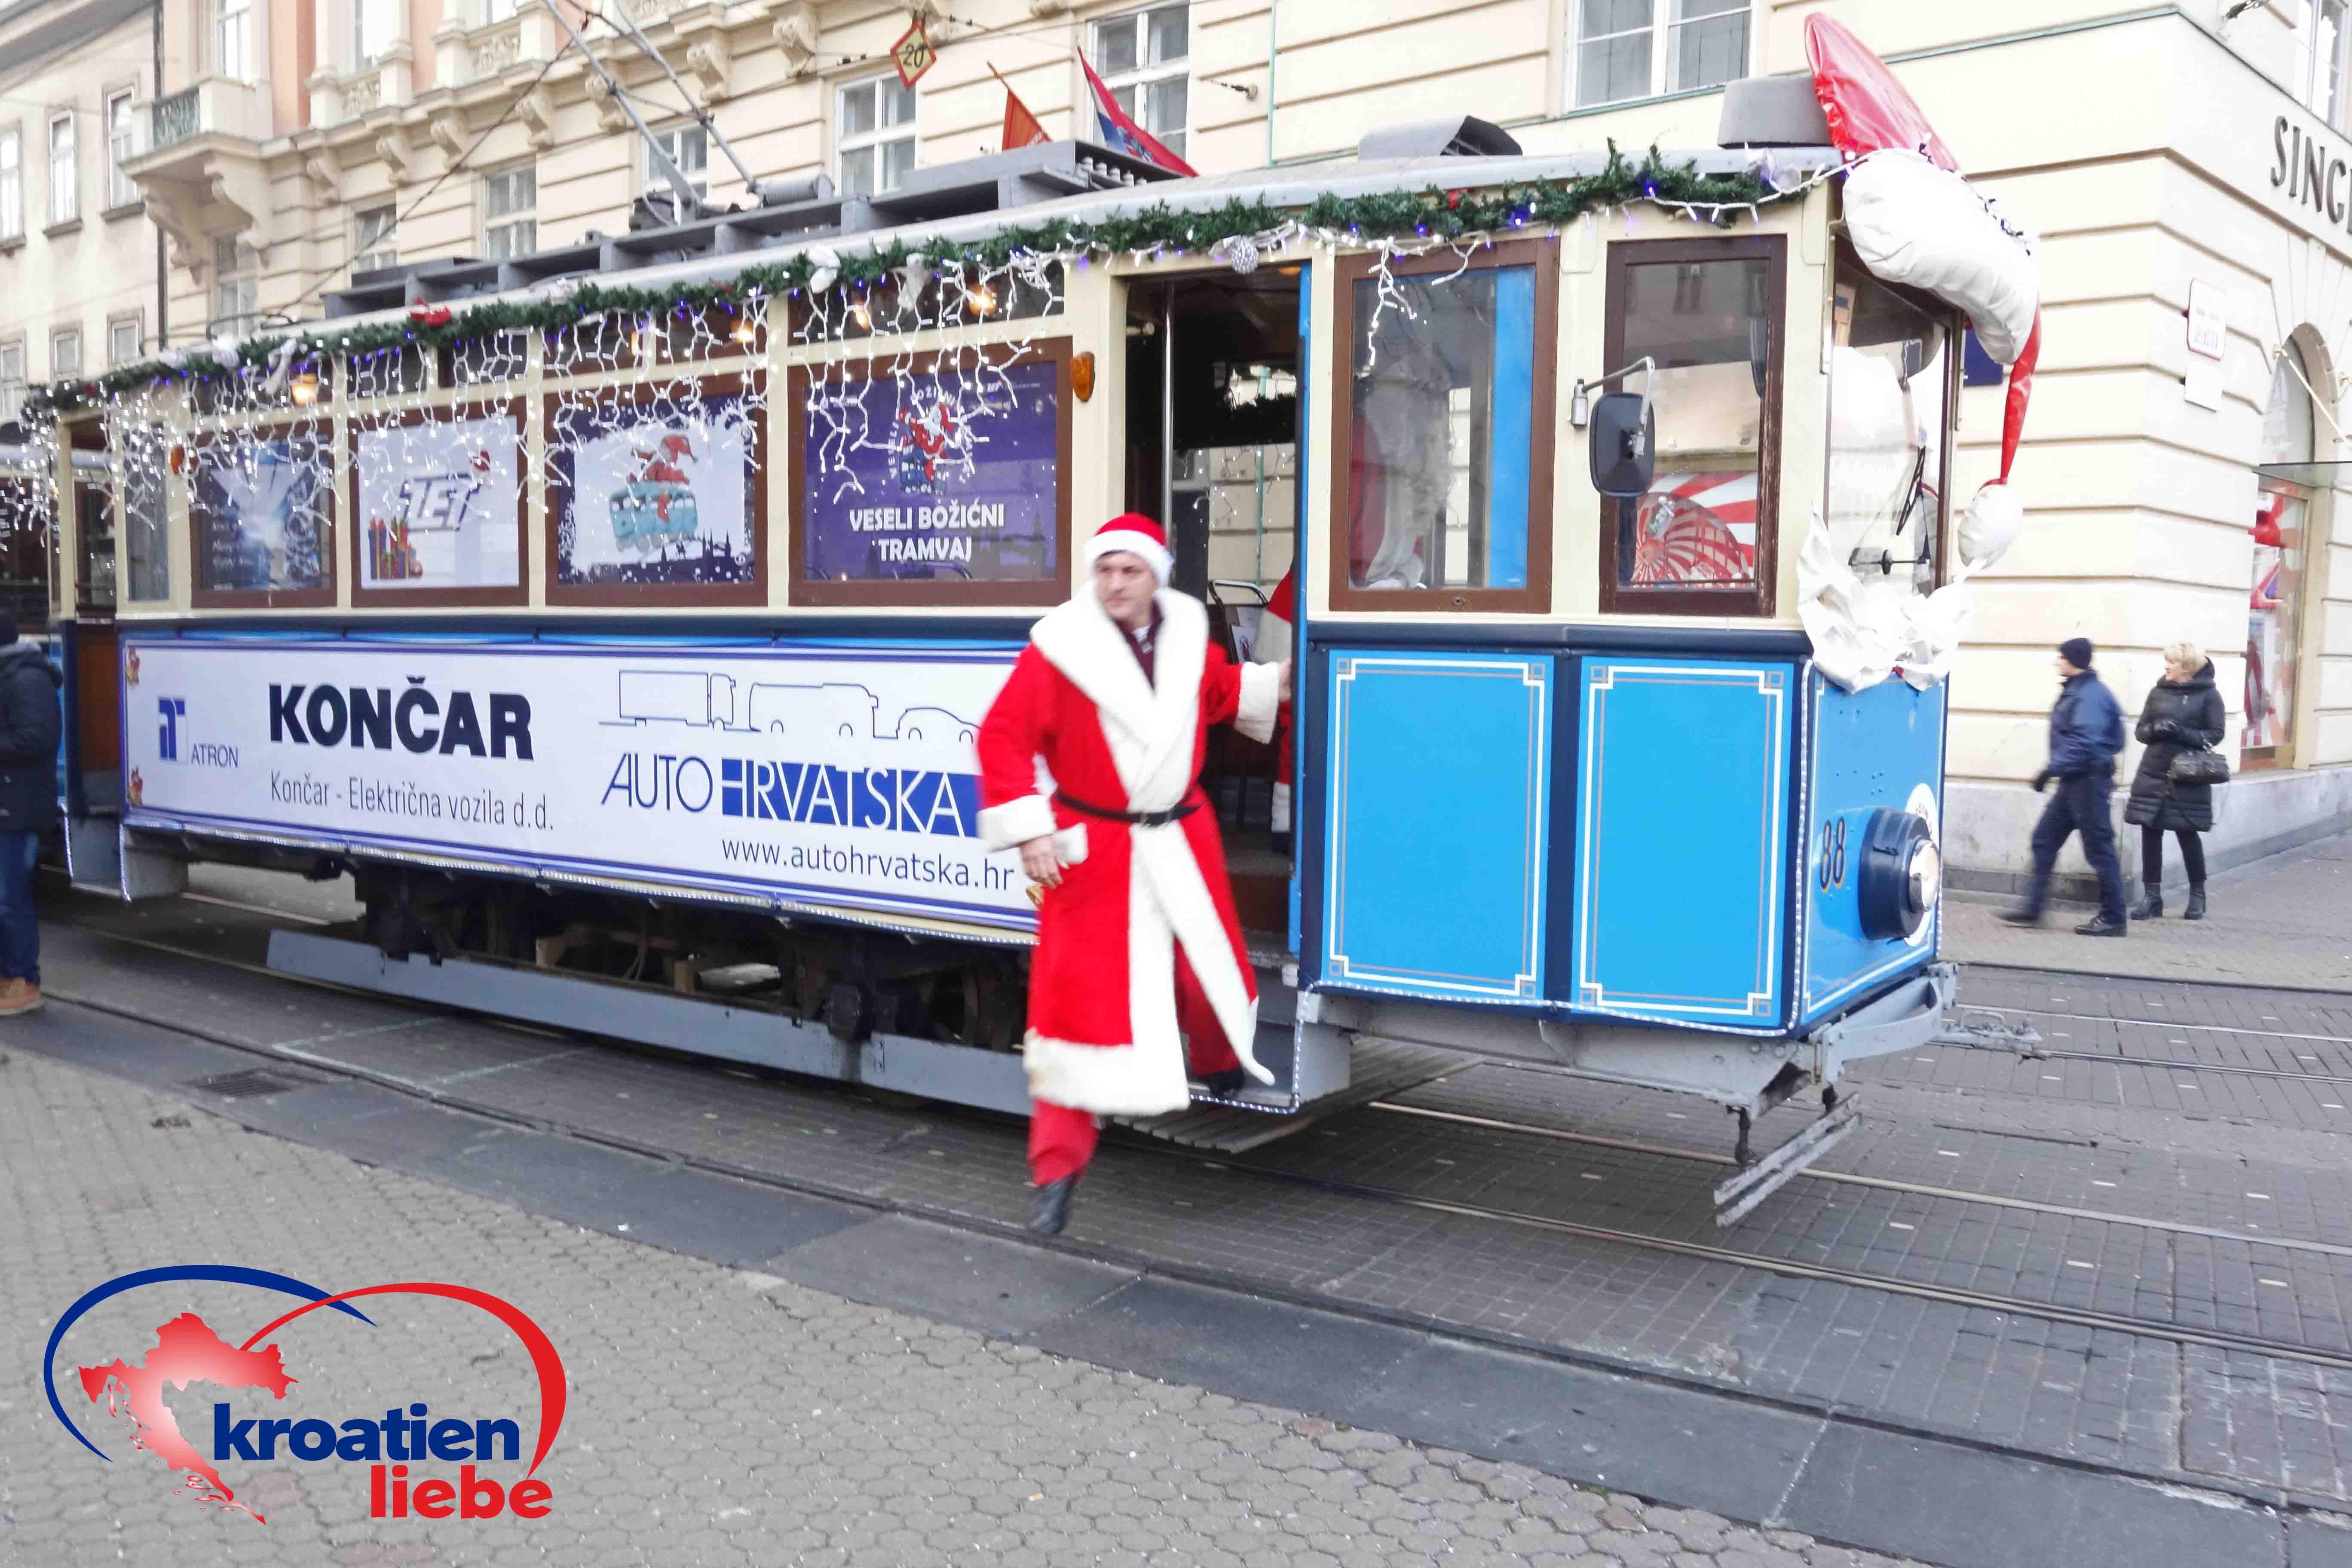 Weihnachtsstrassenbahn Mit Weihnachtsmann In Zagreb Kroatien Urlaub Kroatien Zagreb